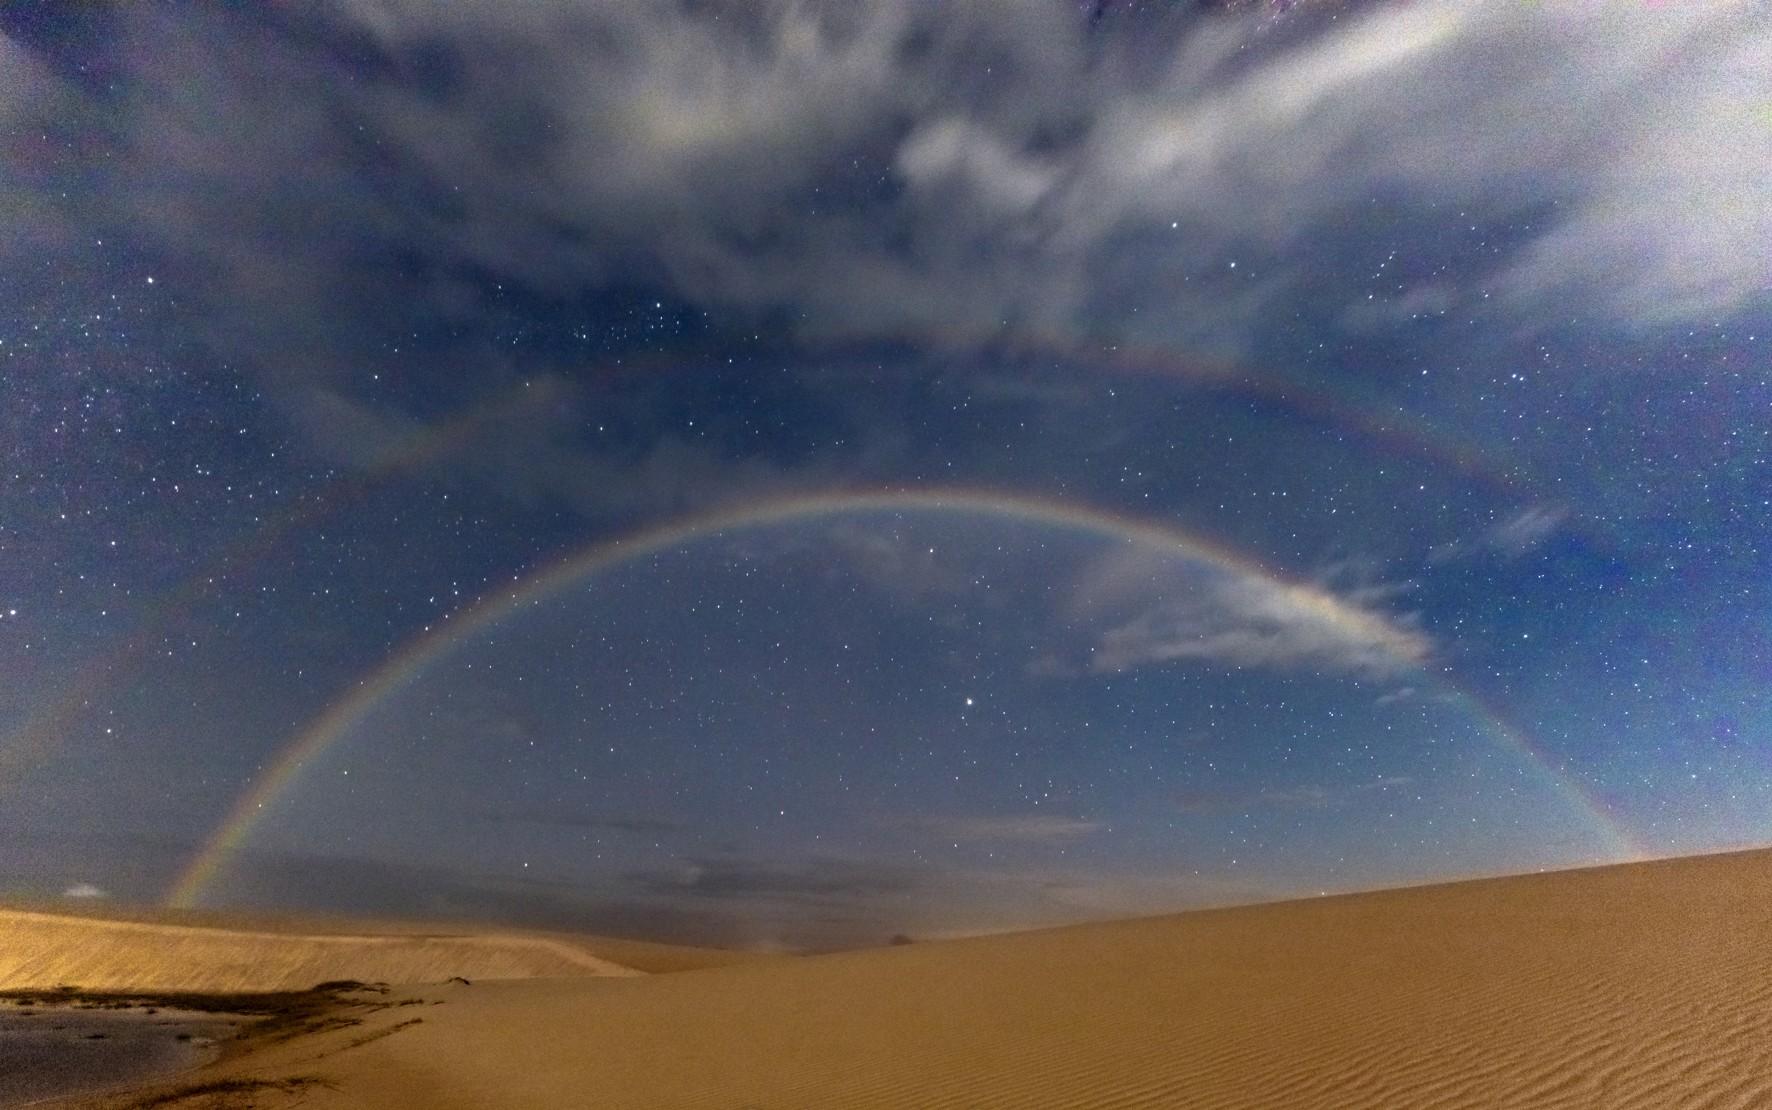 Fotógrafo que sobreviveu a queda de avião na BA faz foto de arco-íris de noite no Maranhão: 'Fenômeno raríssimo', diz especialista